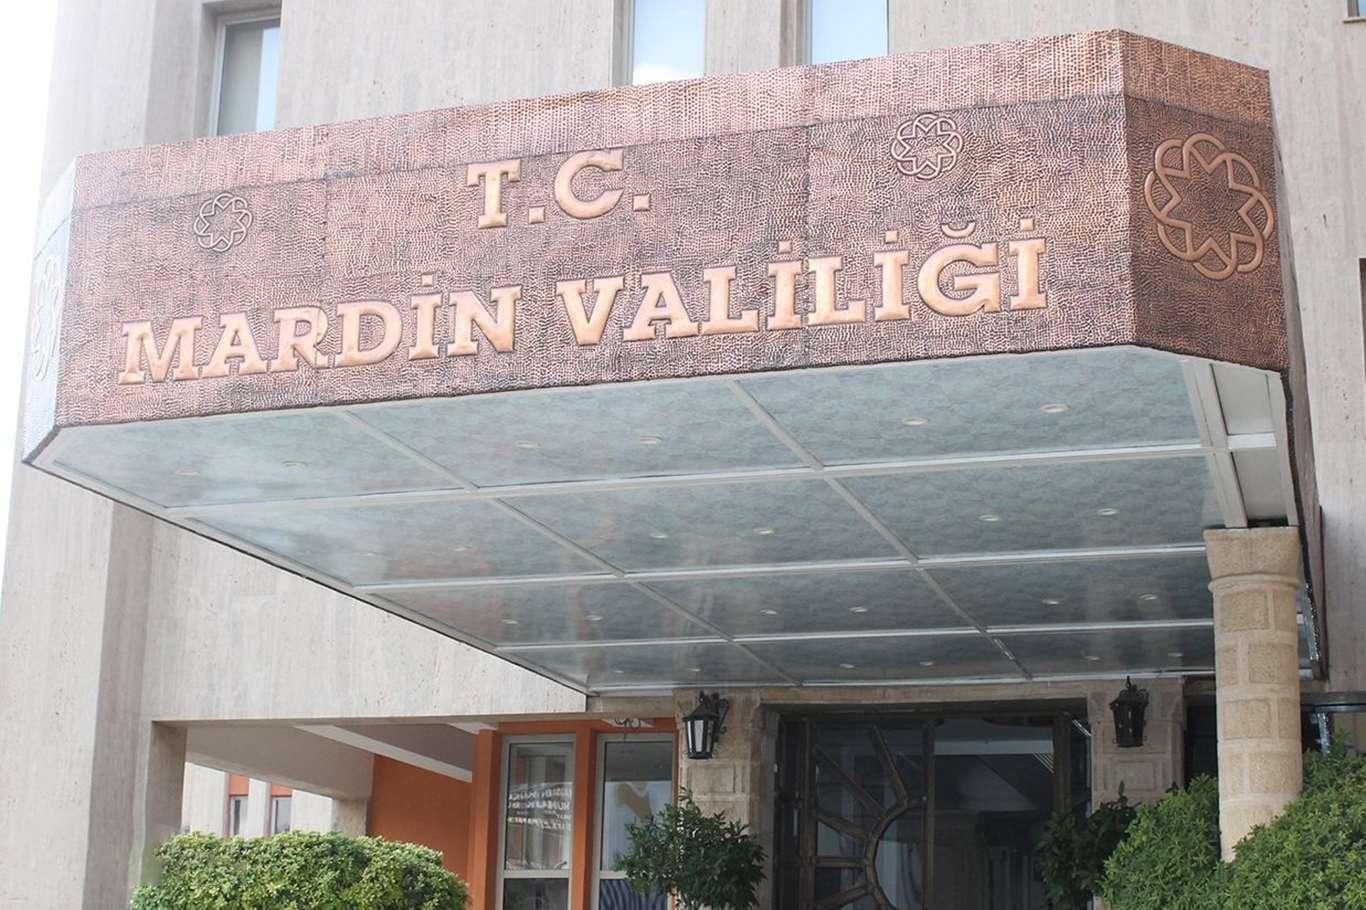 Mardin'de etkinlikler 15 gün süreyle yasaklandı.